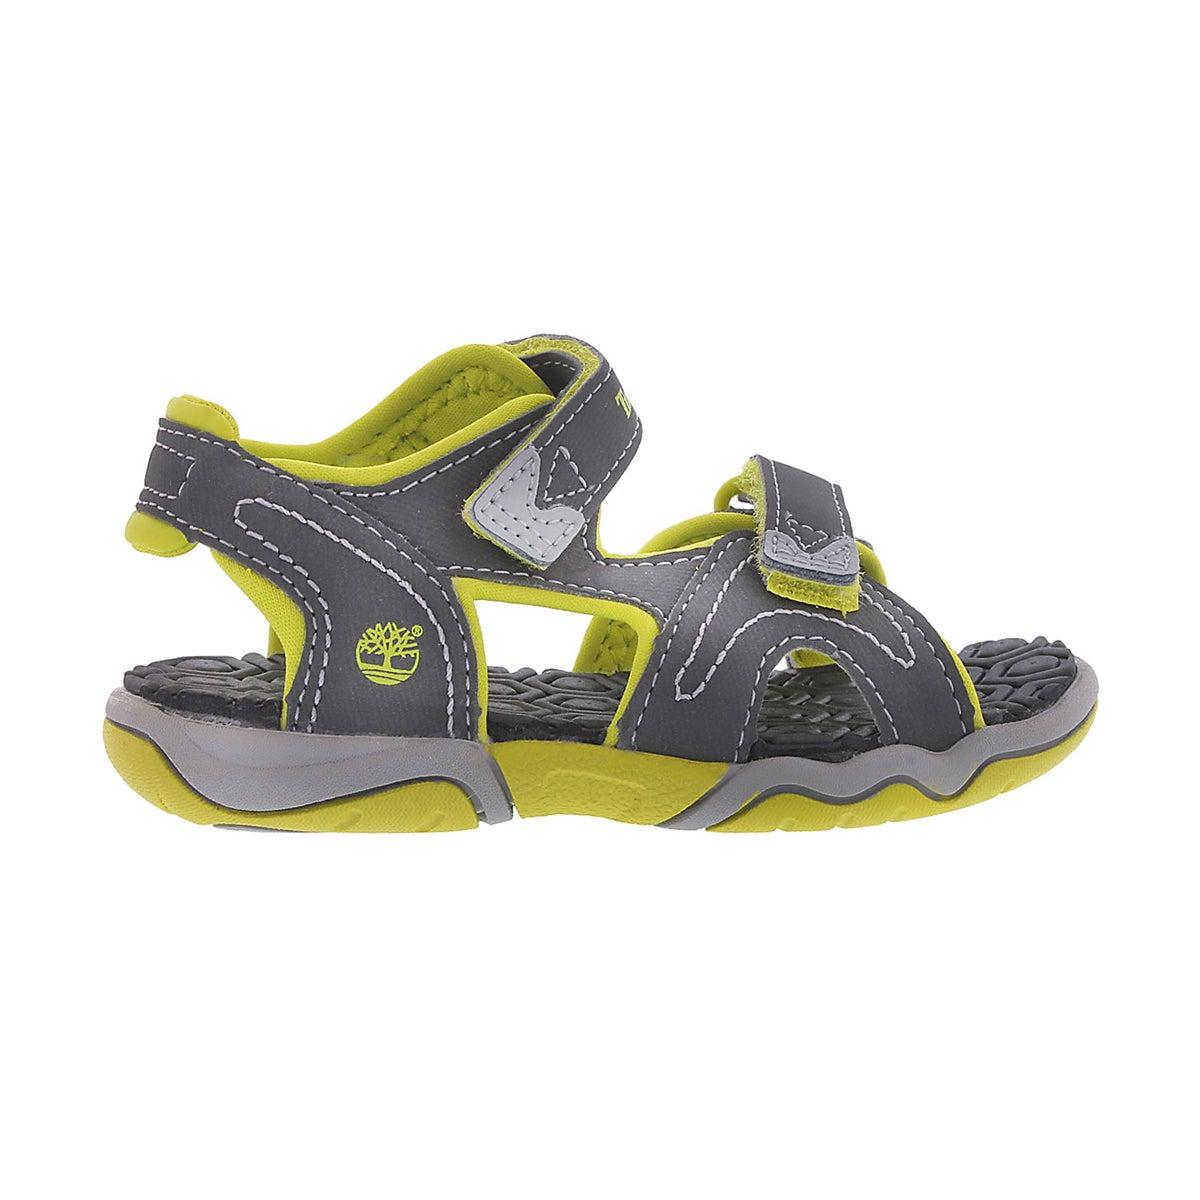 Bys Adventure Seeker gry/grn sandal